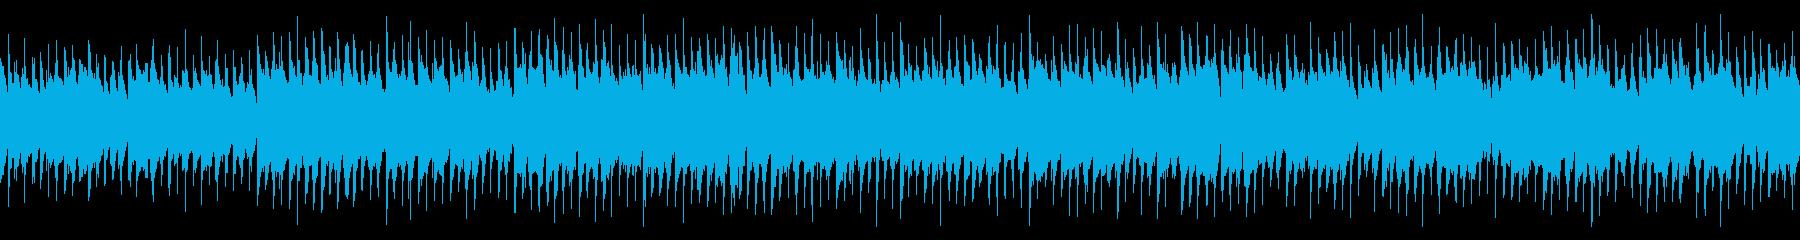 【ループ】アップテンポなアコースティックの再生済みの波形